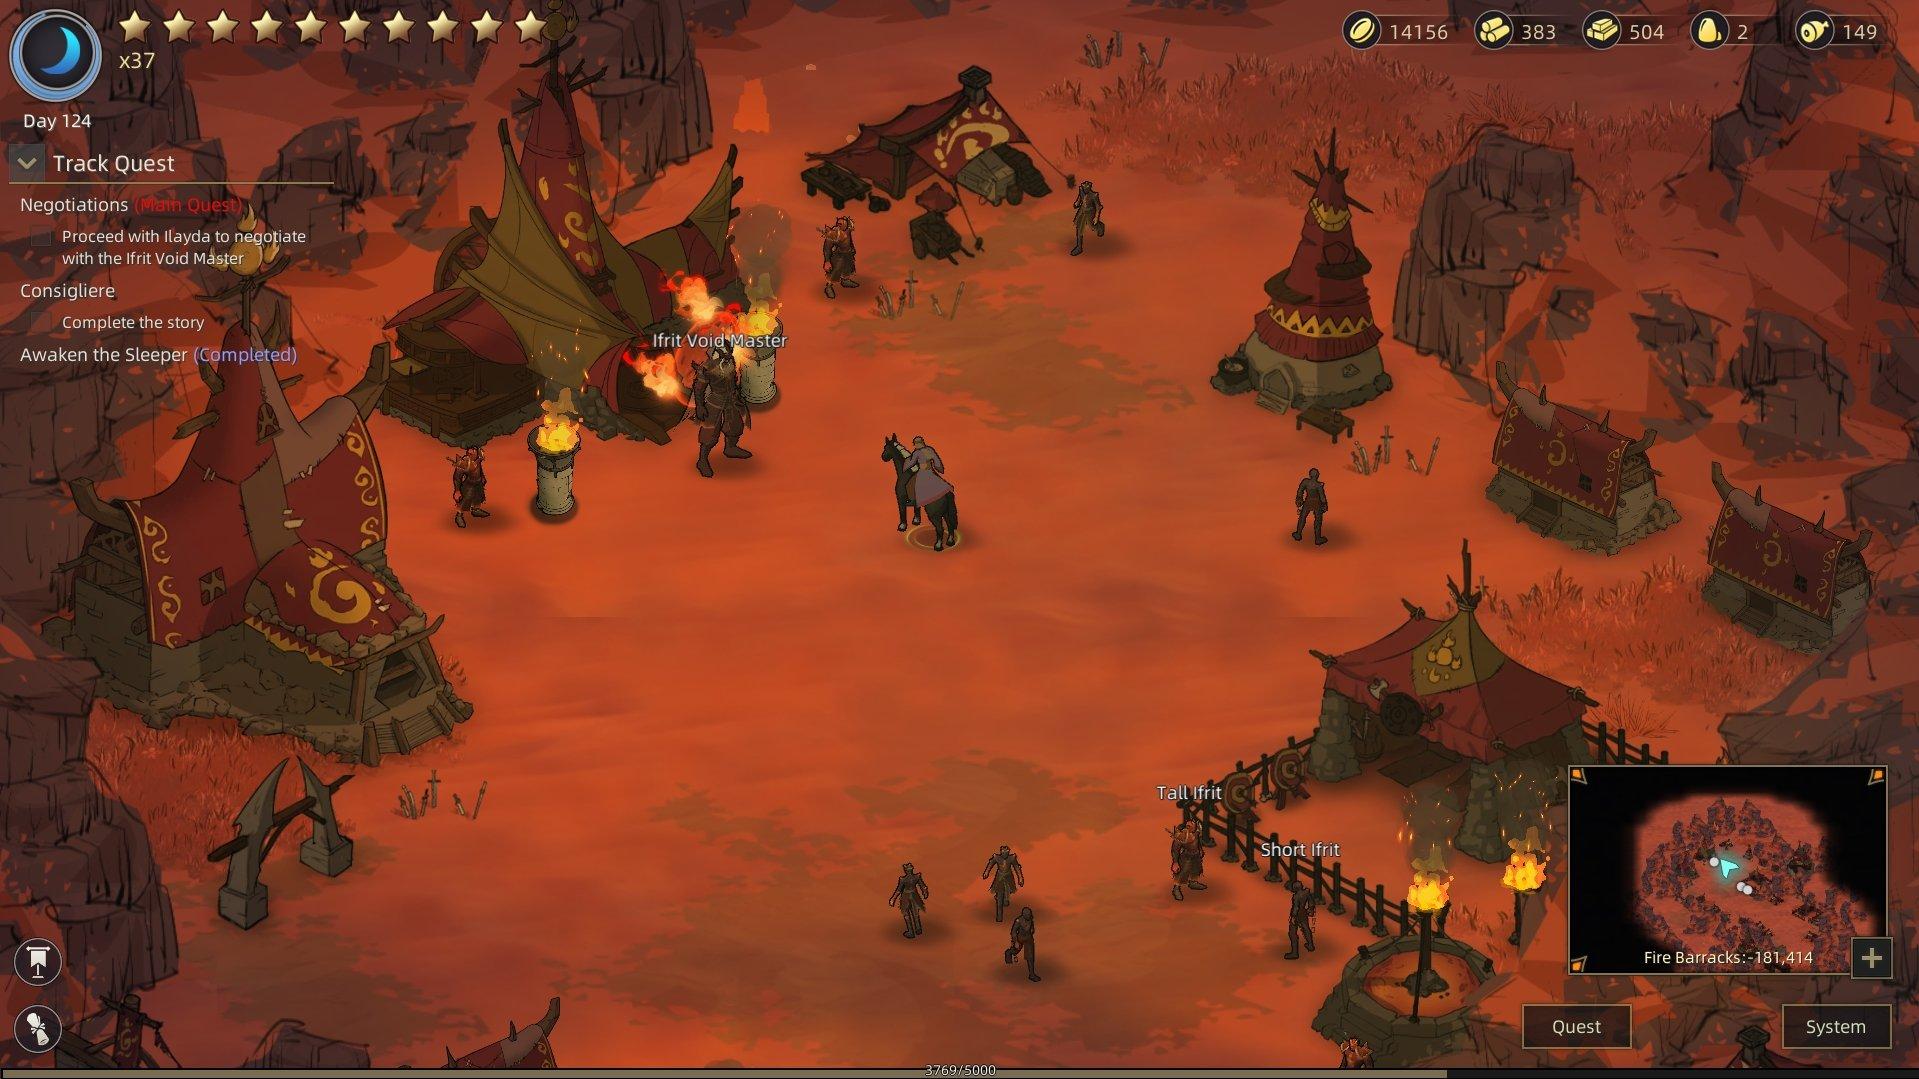 Sands of Salzaar - Negotiations Ifrit Void Master